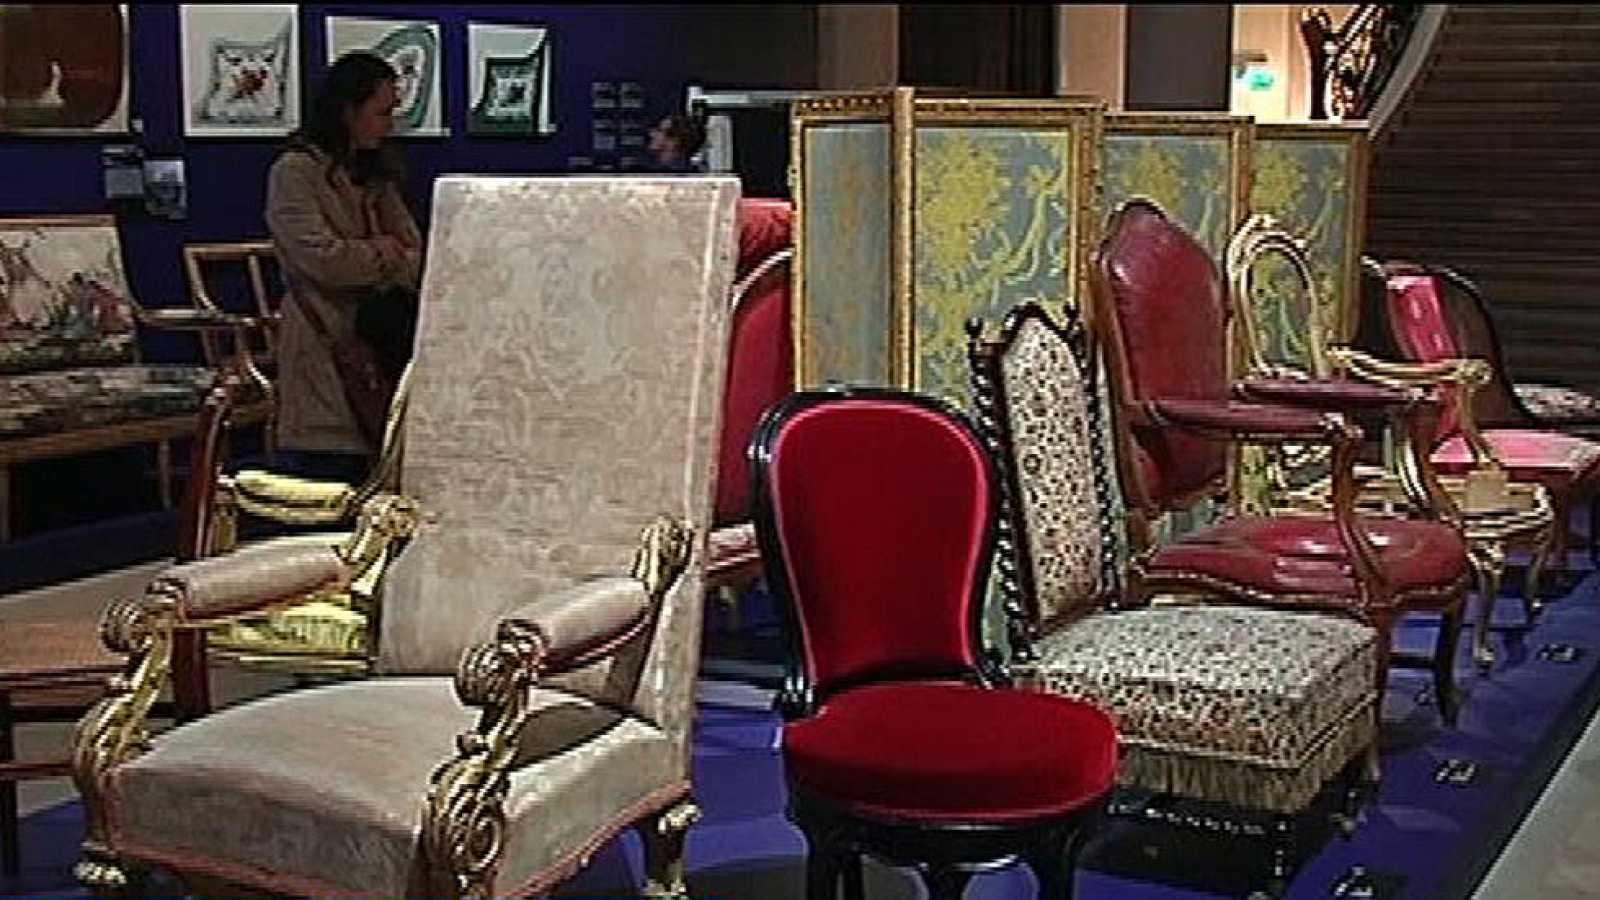 El mobiliario del poder se instala en París - RTVE.es